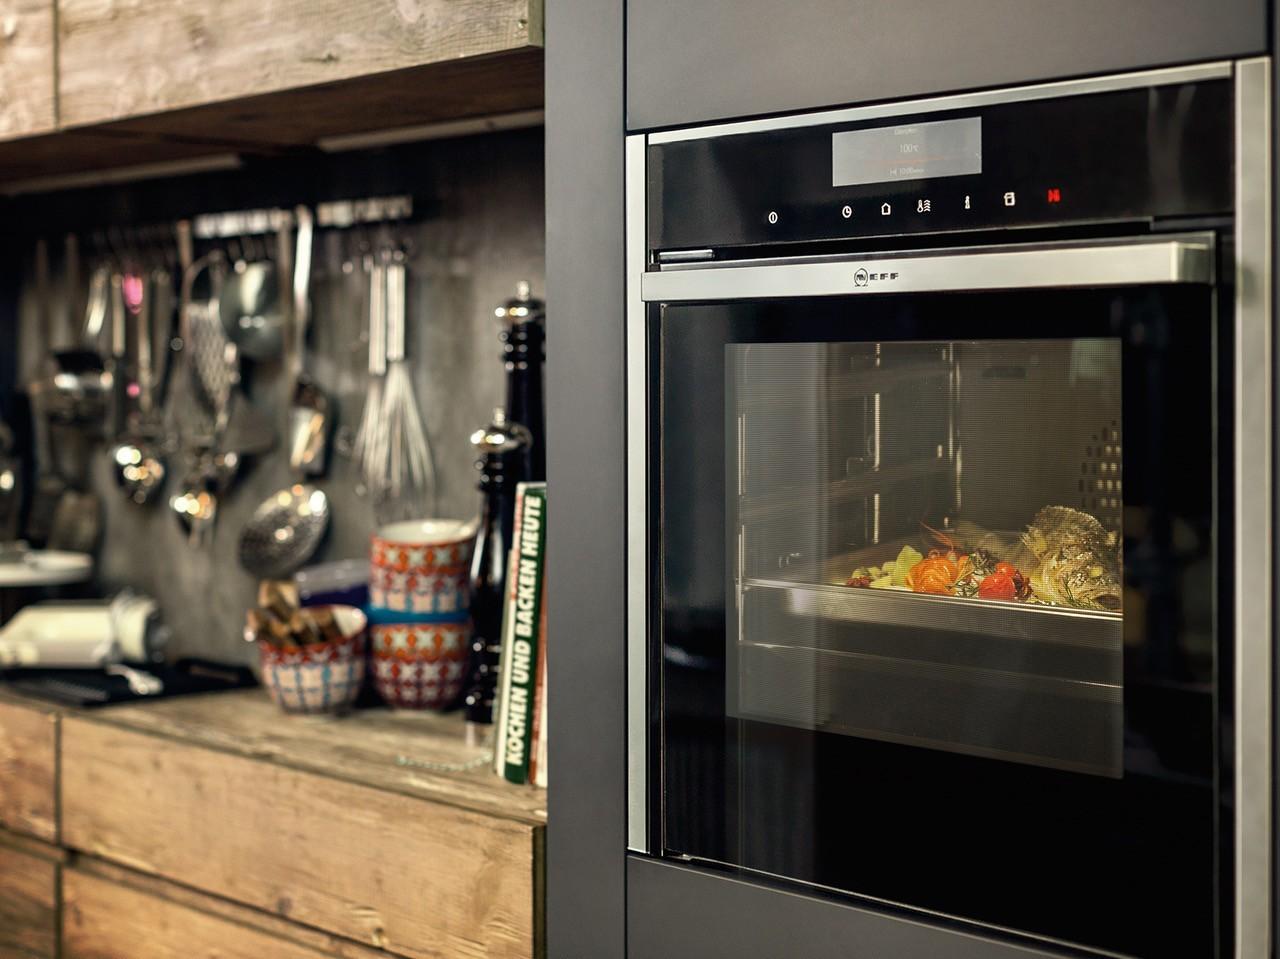 Forni NEFF: Un nuovo standard per la tua cucina